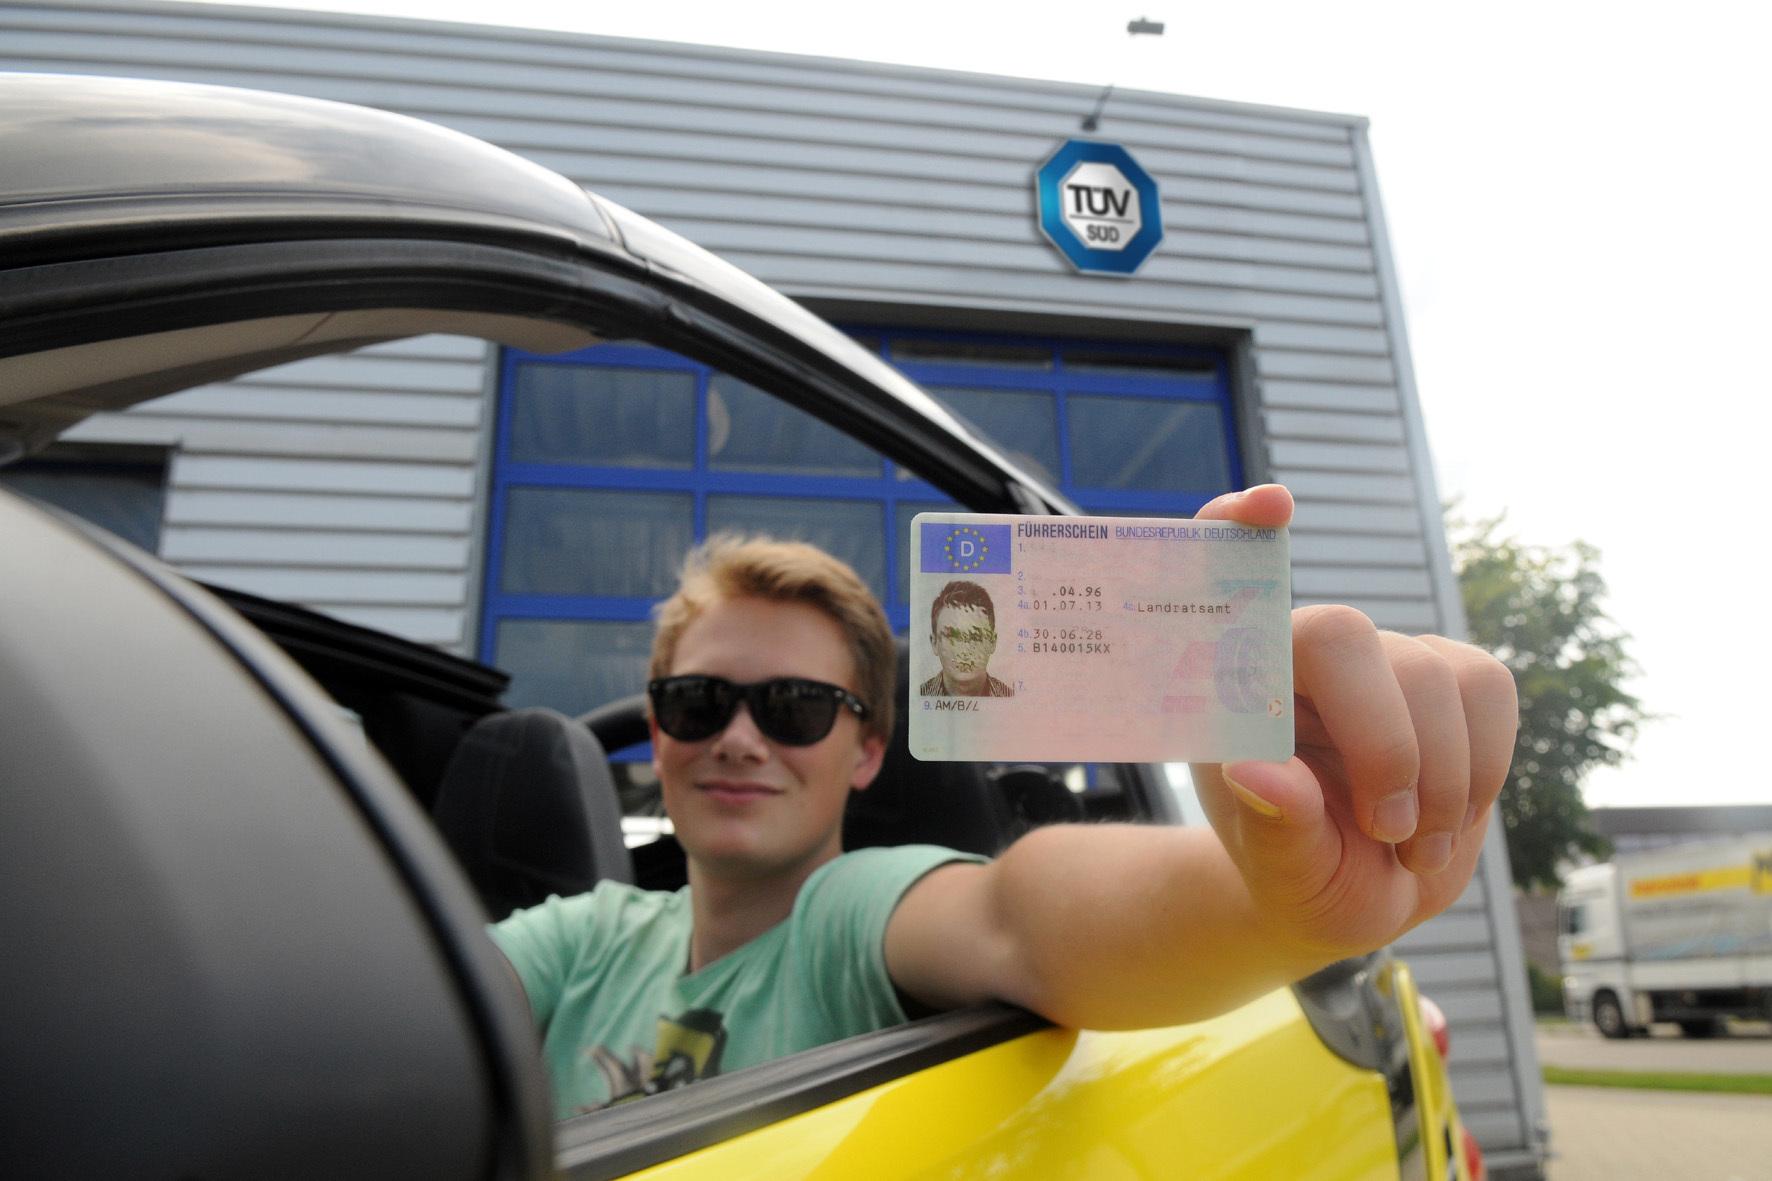 mid Düsseldorf - Die große Freiheit: Mit dem Führerschein-Erwerb ändert sich die eigene Mobilität für junge Menschen dramatisch. Wegen der neuen Risiken ist es dann auch Zeit für einen Versicherungs-Check.